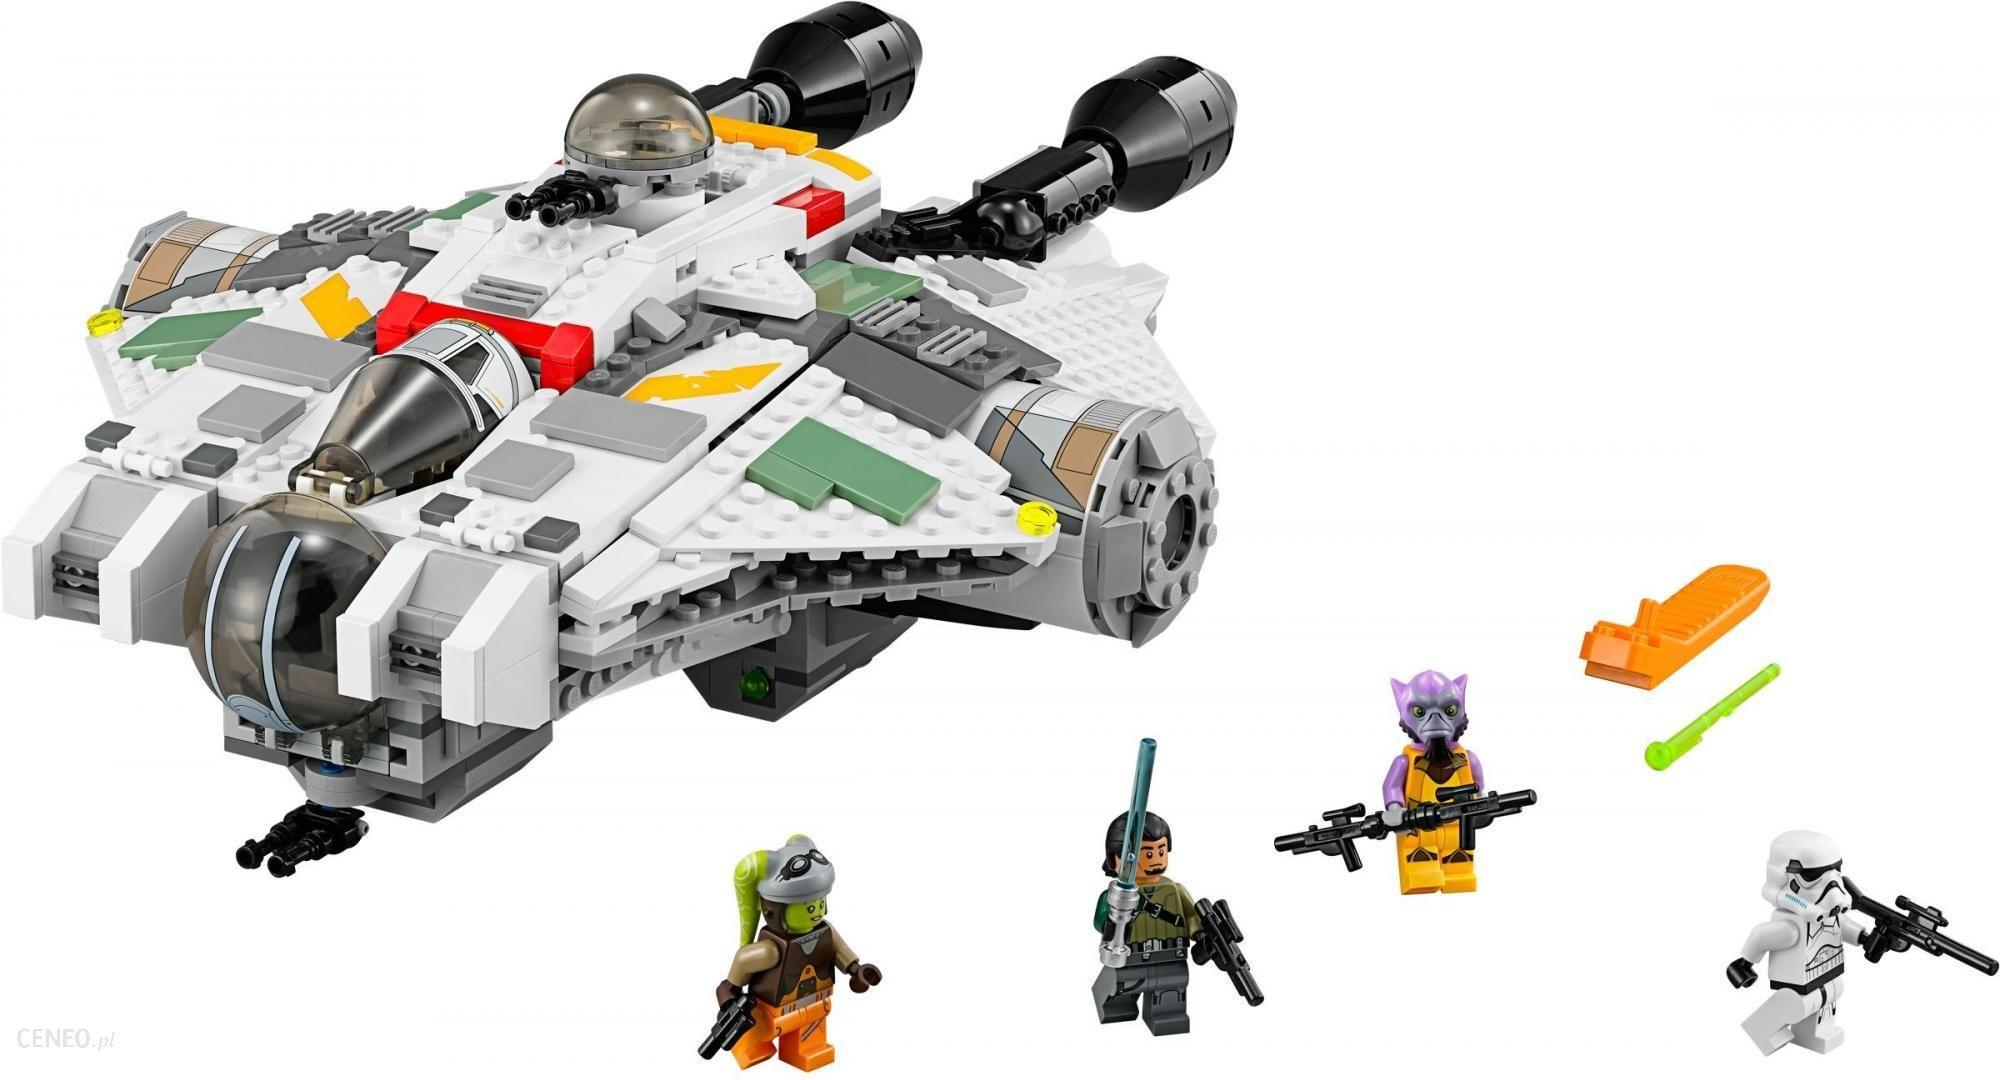 Klocki Lego Star Wars Ghost 75053 Ceny I Opinie Ceneopl